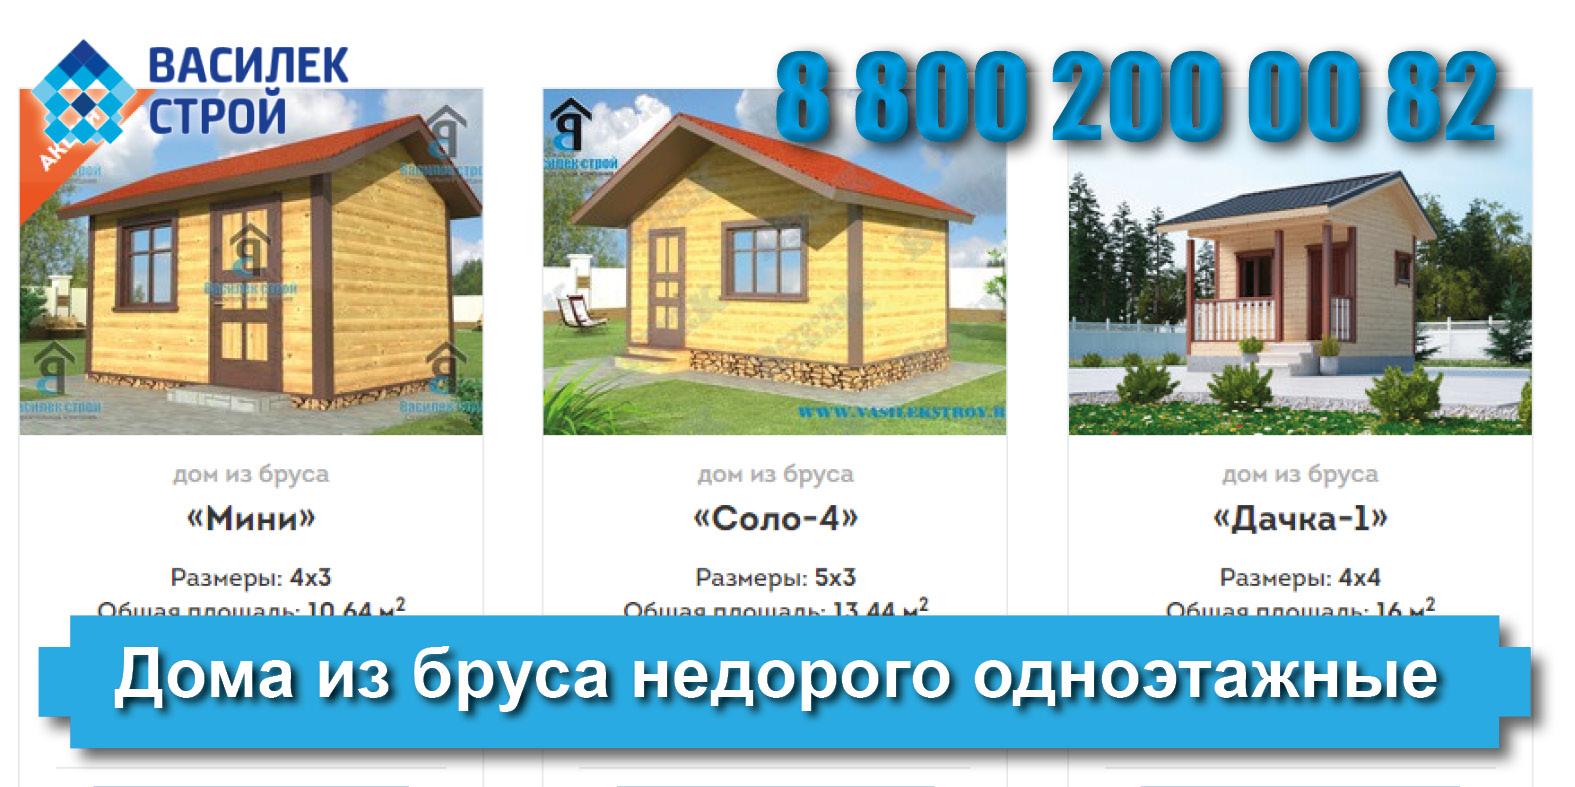 Качественно и недорого строим дома из бруса одноэтажные: в качестве пристройки предлагается функциональная летняя кухня из бруса с барбекю